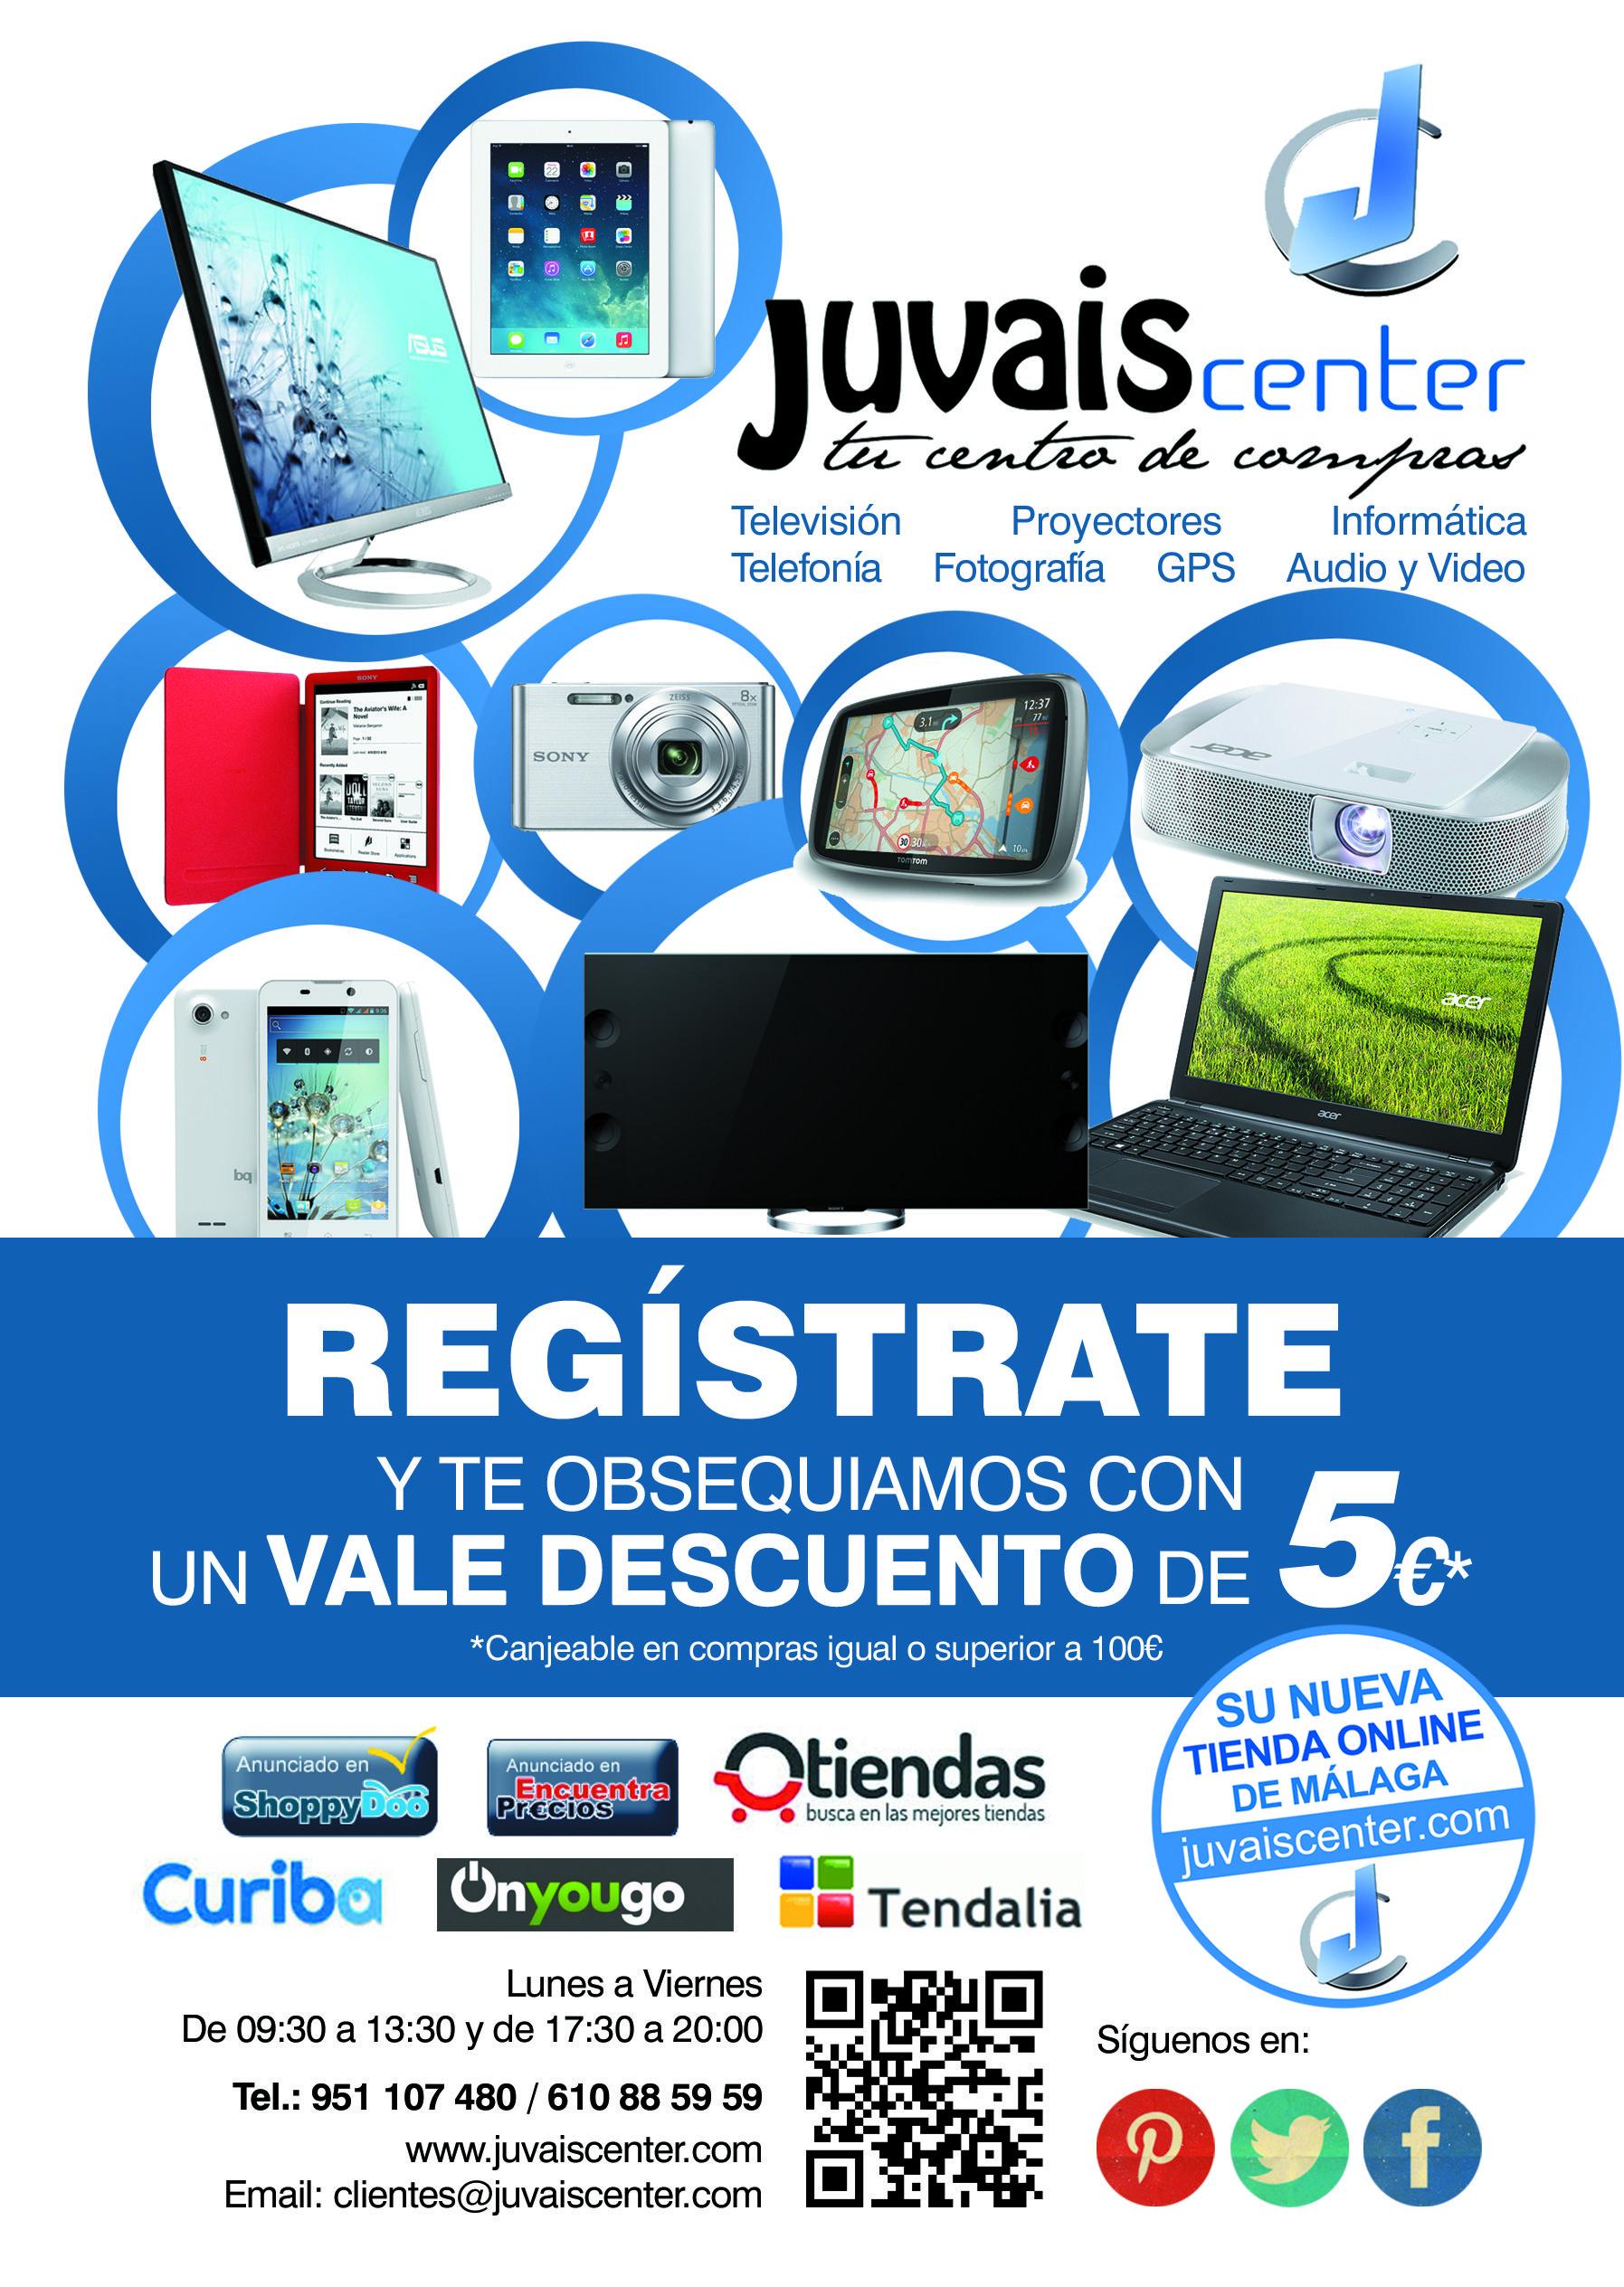 Registrate y te OBSEQUIAMOS con un vale descuento de 5€ Conseguirás información de grandes ofertas !! COMPARTE CON TUS AMIGOS